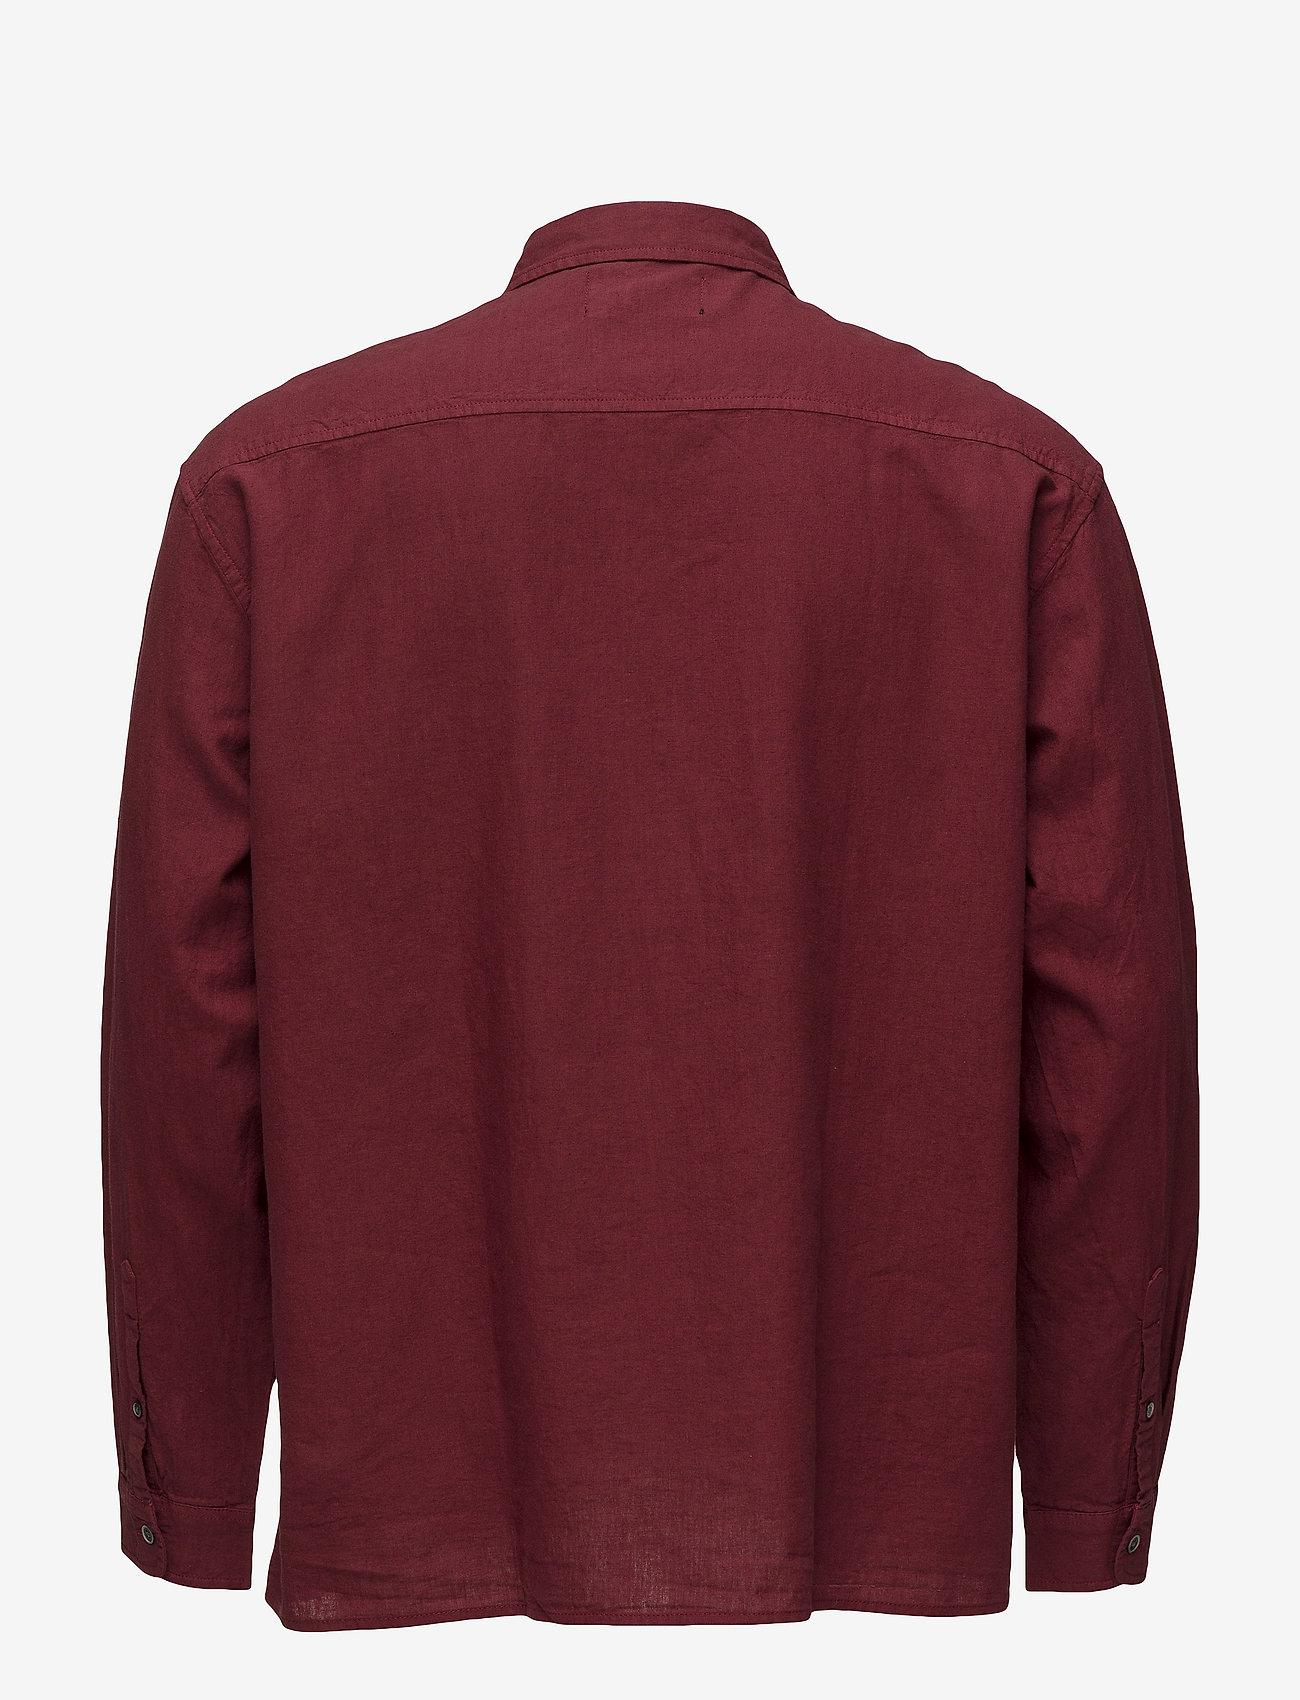 Relaxed L/s Shirt (Red) - NEUW GFfzLU